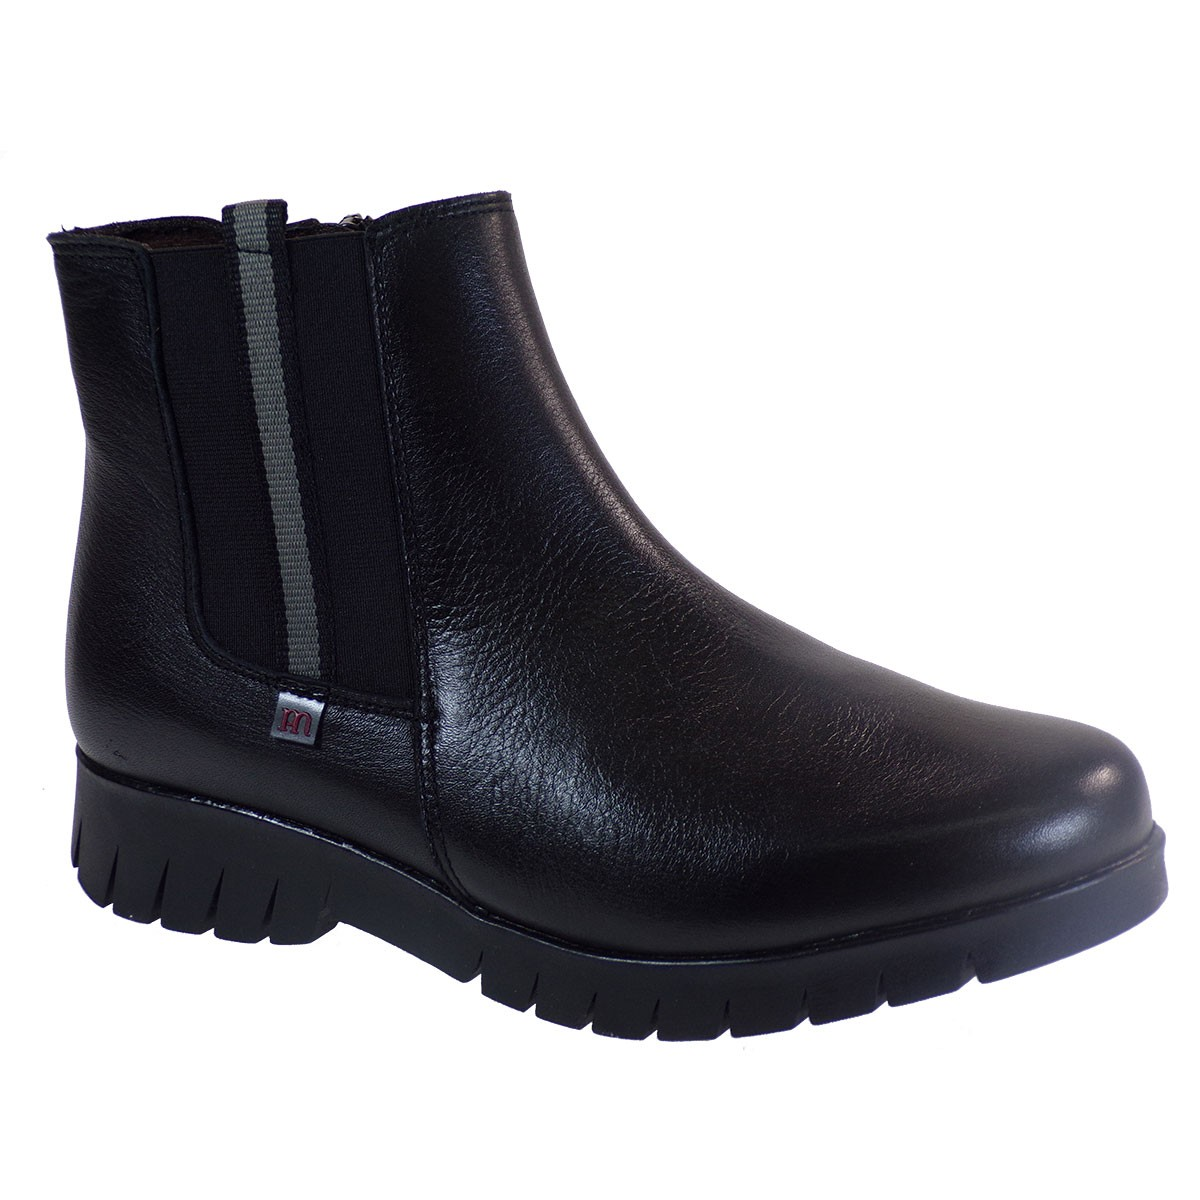 PEPE MENARGUES SHOES Γυναικεία Παπούτσια Μποτάκια 20022 Μαύρο Δέρμα